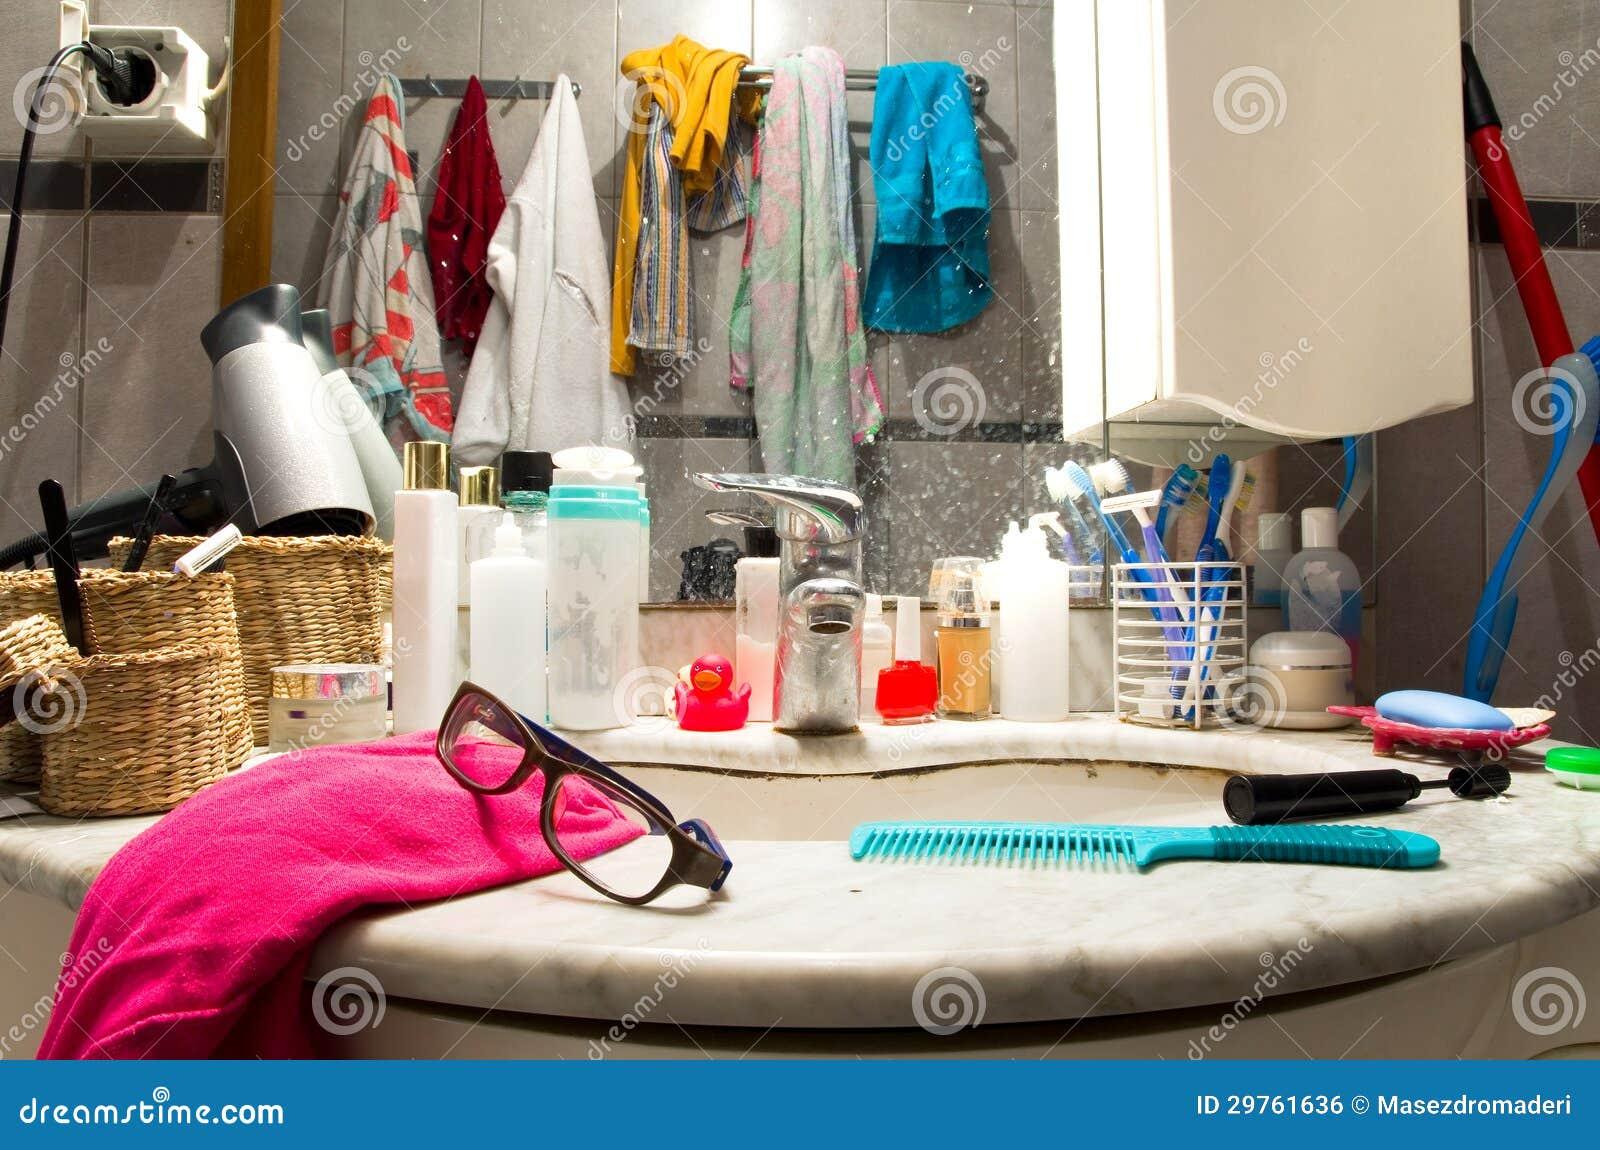 Imagenes De Baño Sucio:Messy Bathroom Sink